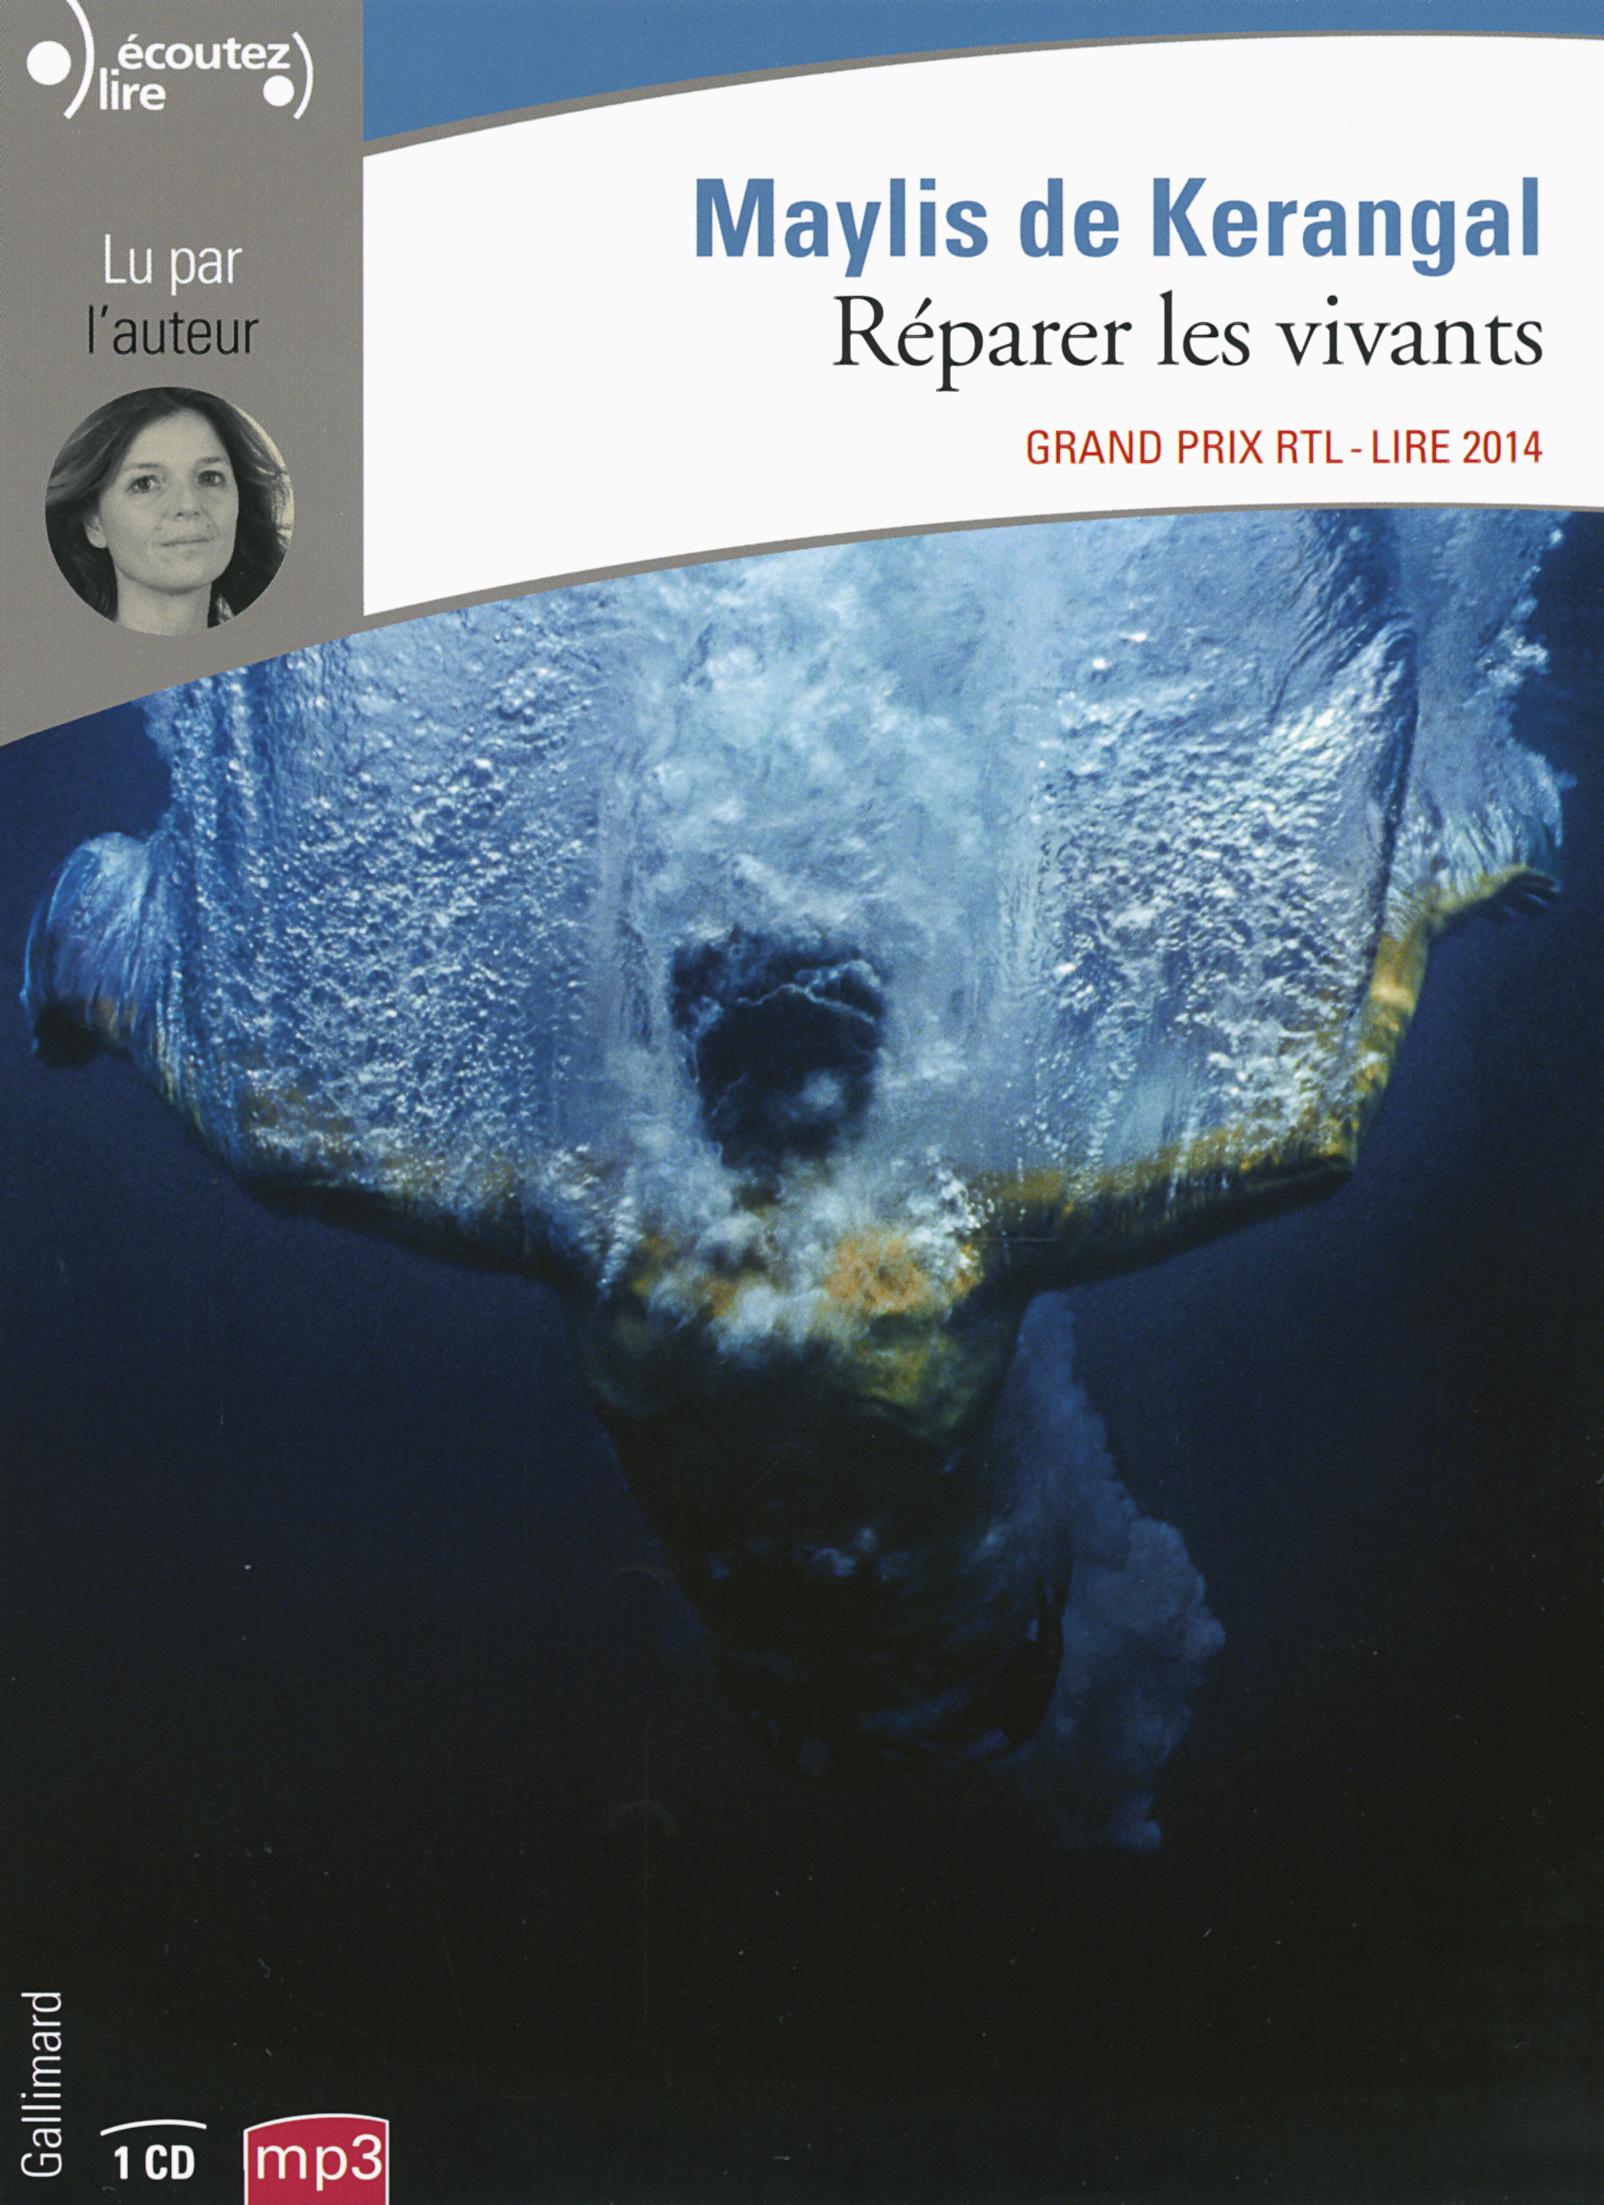 REPARER LES VIVANTS CD